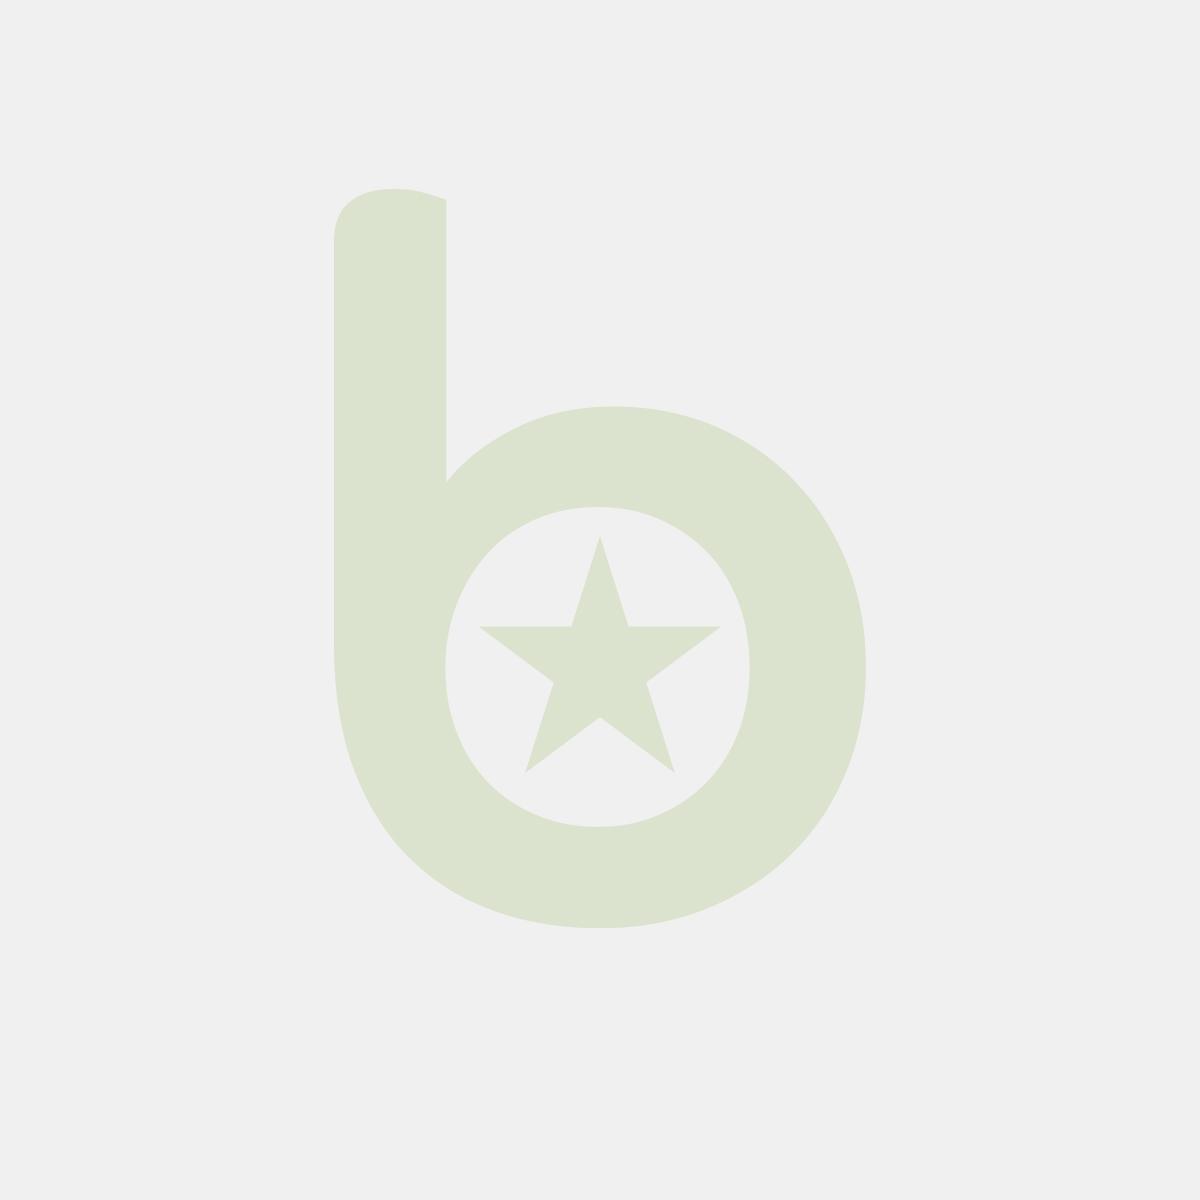 Taśma pakowa akrylowa 48/50y brązowa, op. 6 sztuk